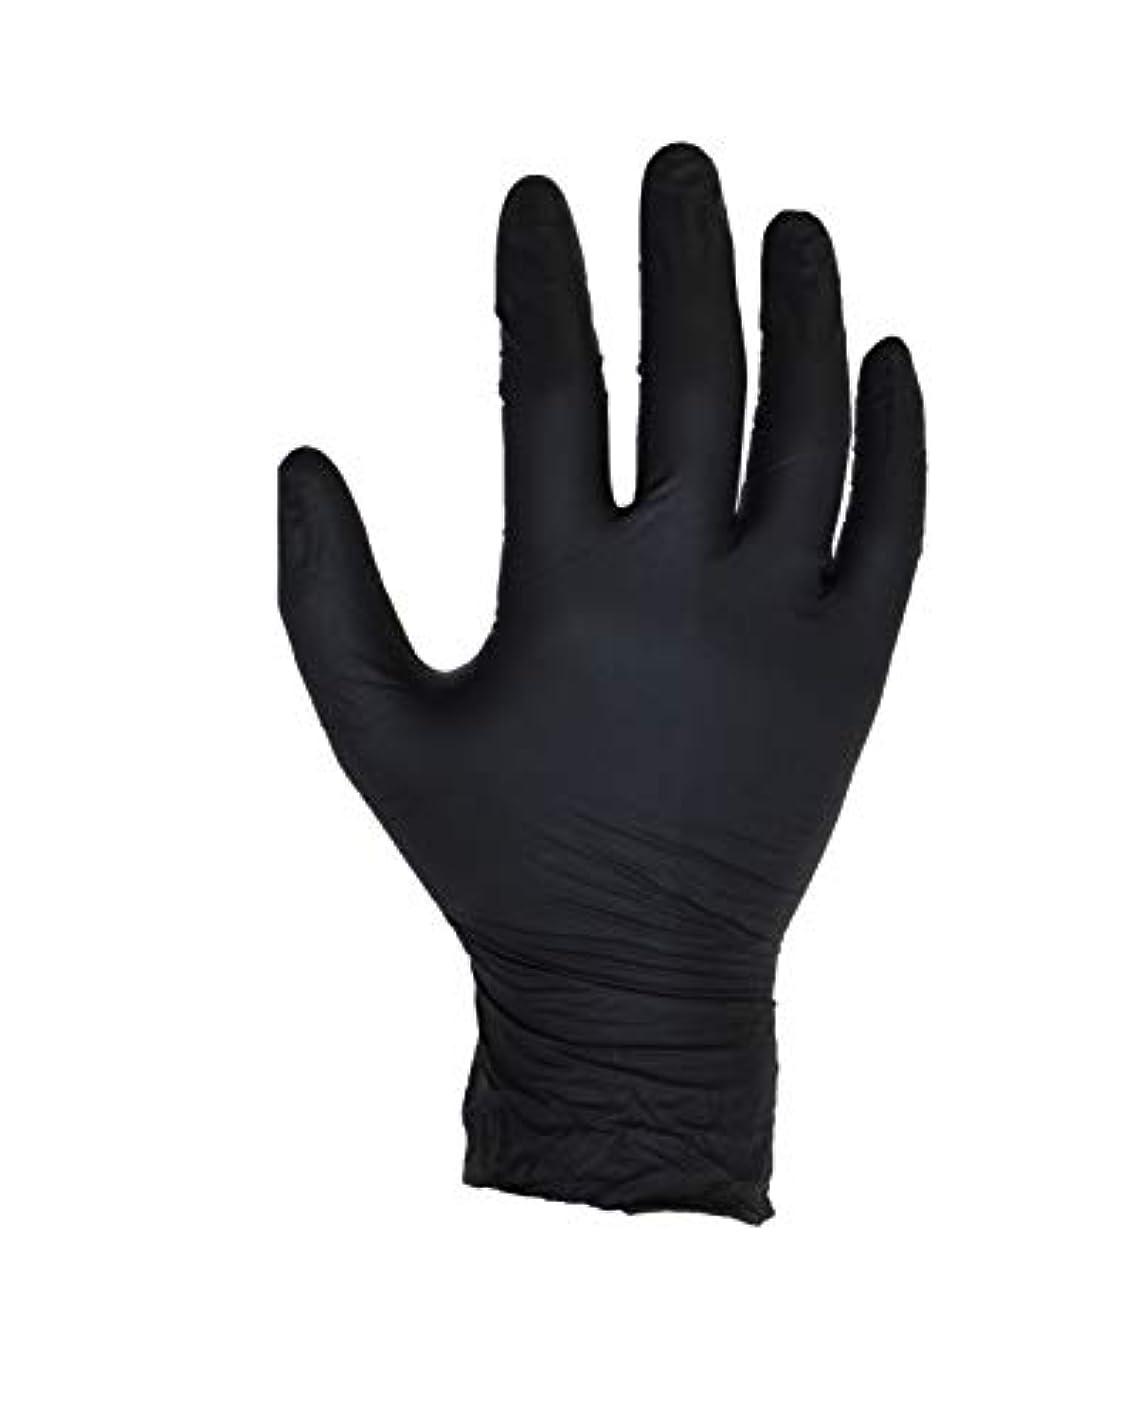 ほこりっぽい打ち上げる影響を受けやすいです100個入りブラックニトリル手袋 - SIZE XL - ASPRO製 - パウダーフリー - 使い捨て - ラテックスフリー - AQL 1.5(SIZE XL -X L、BLACK)